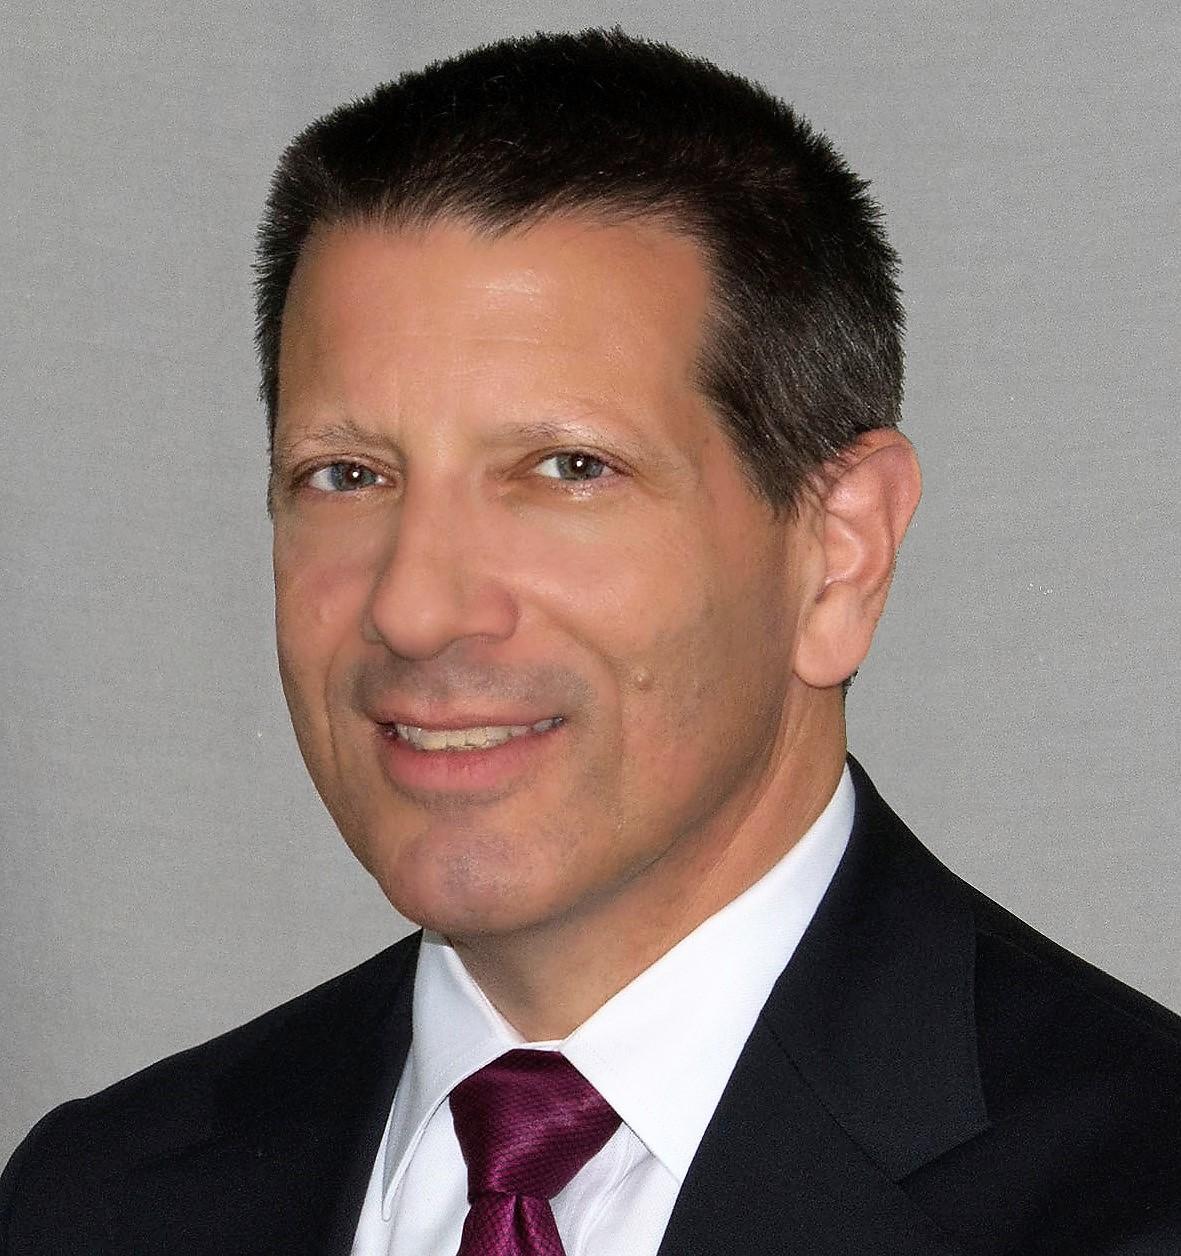 Robert Isackson